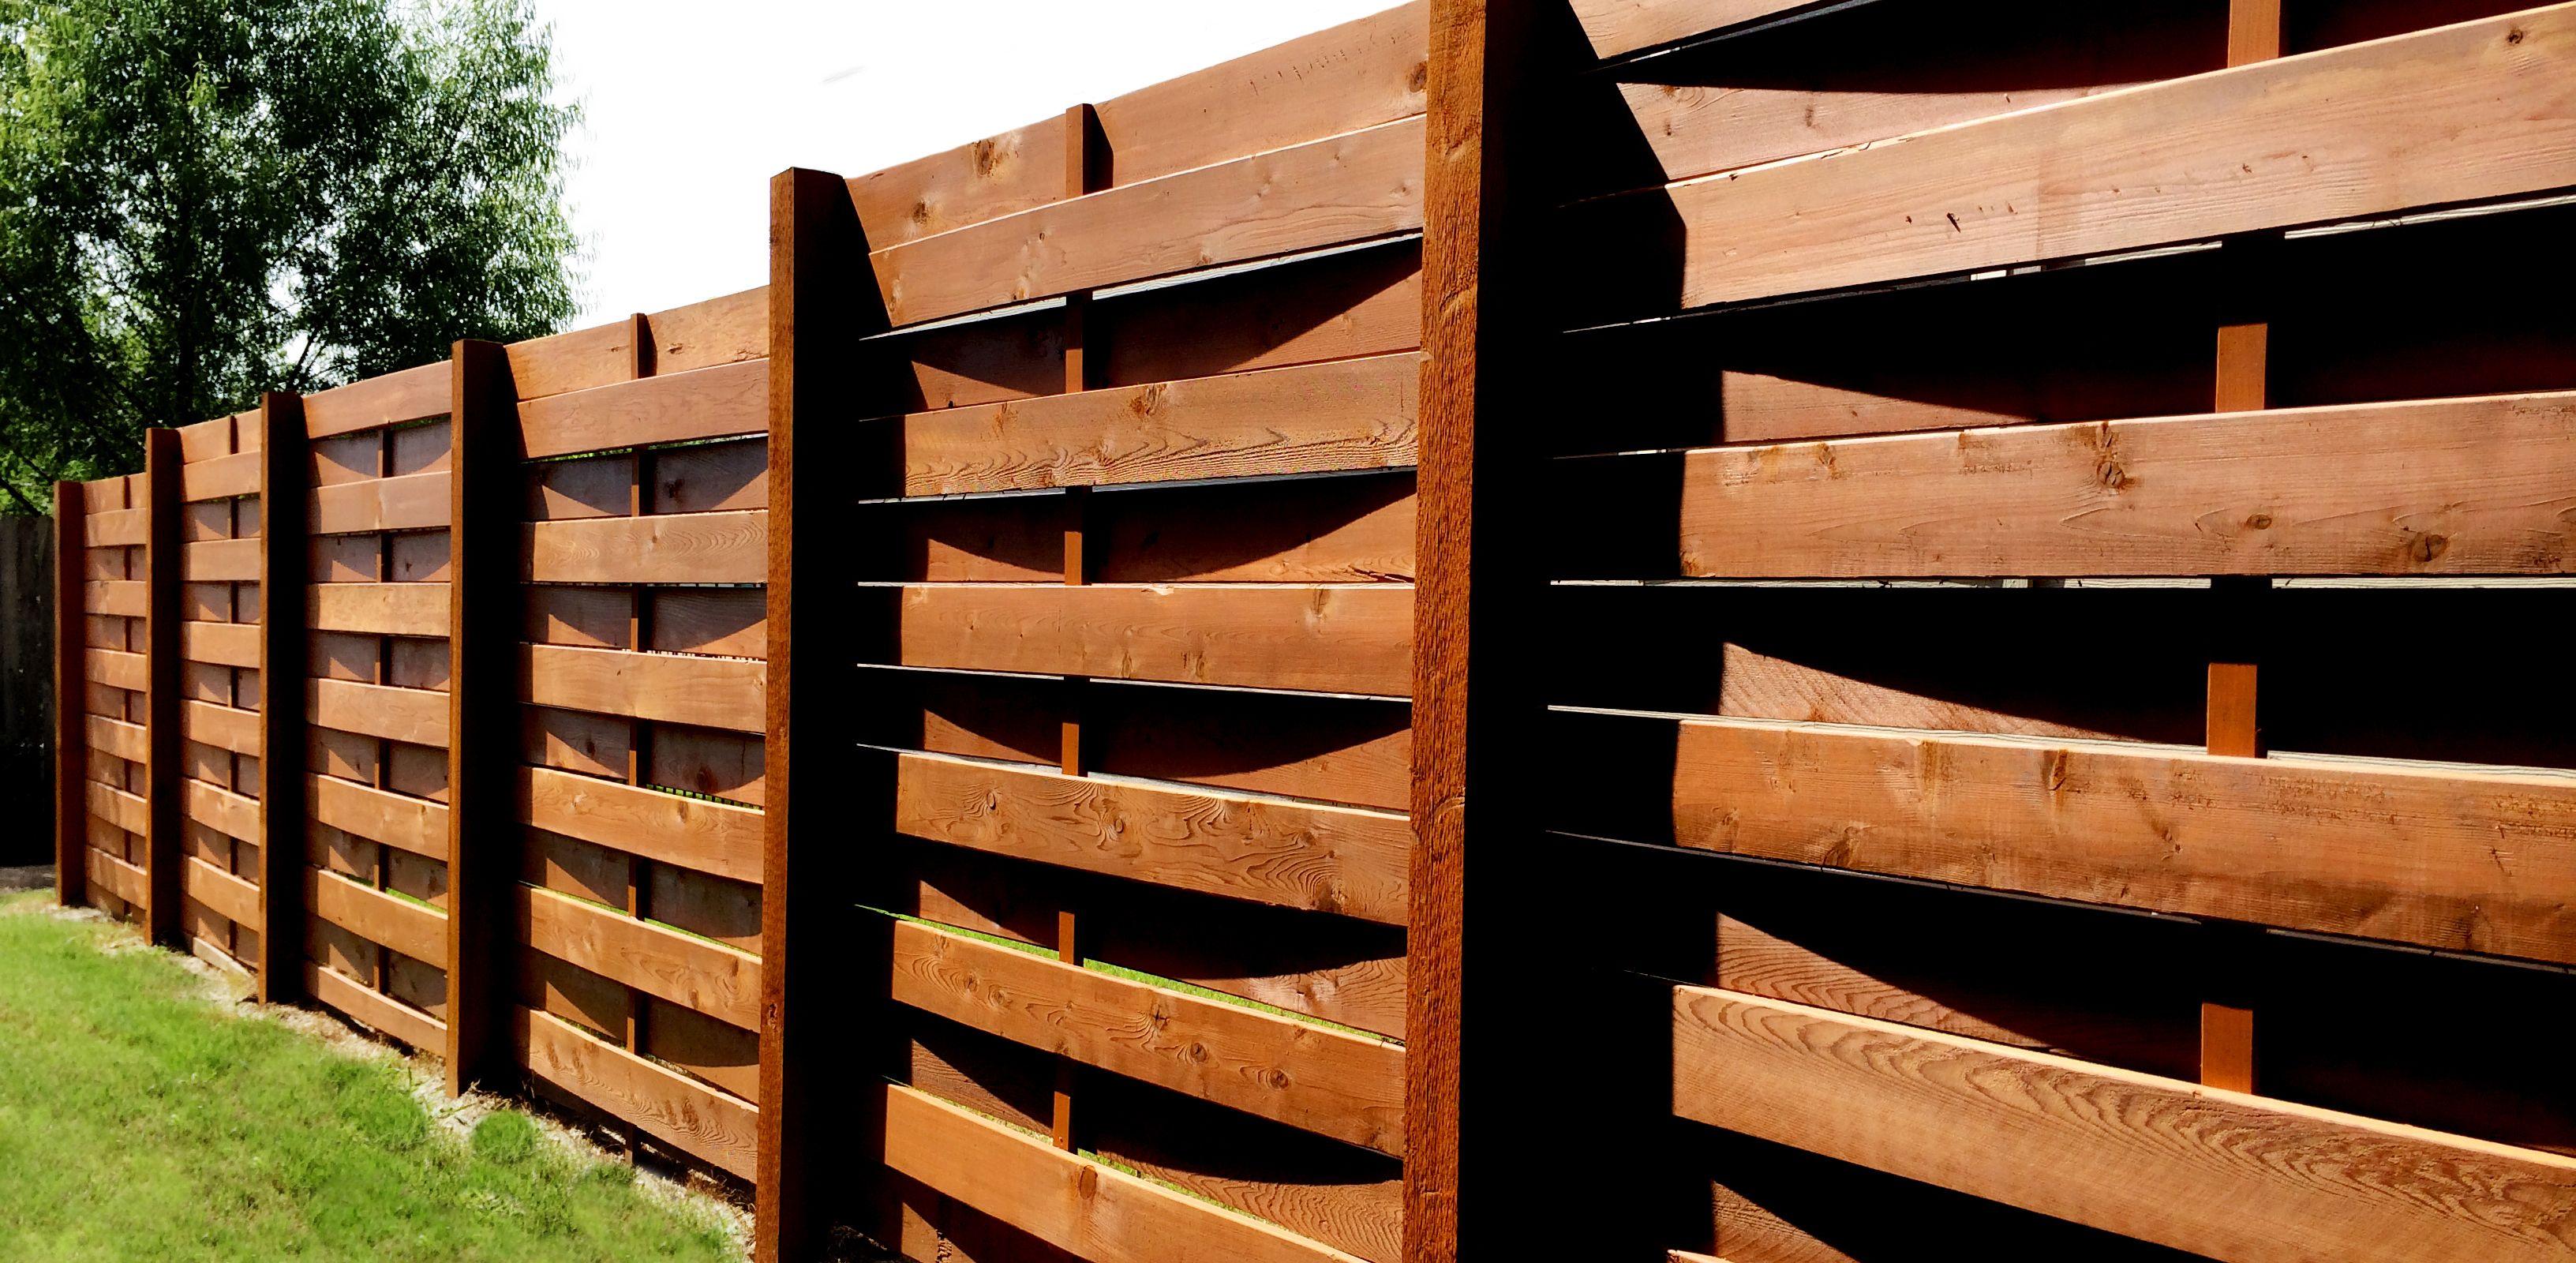 Recinzioni Per Case Di Montagna 6'h, basket weave cedar fence | giardino